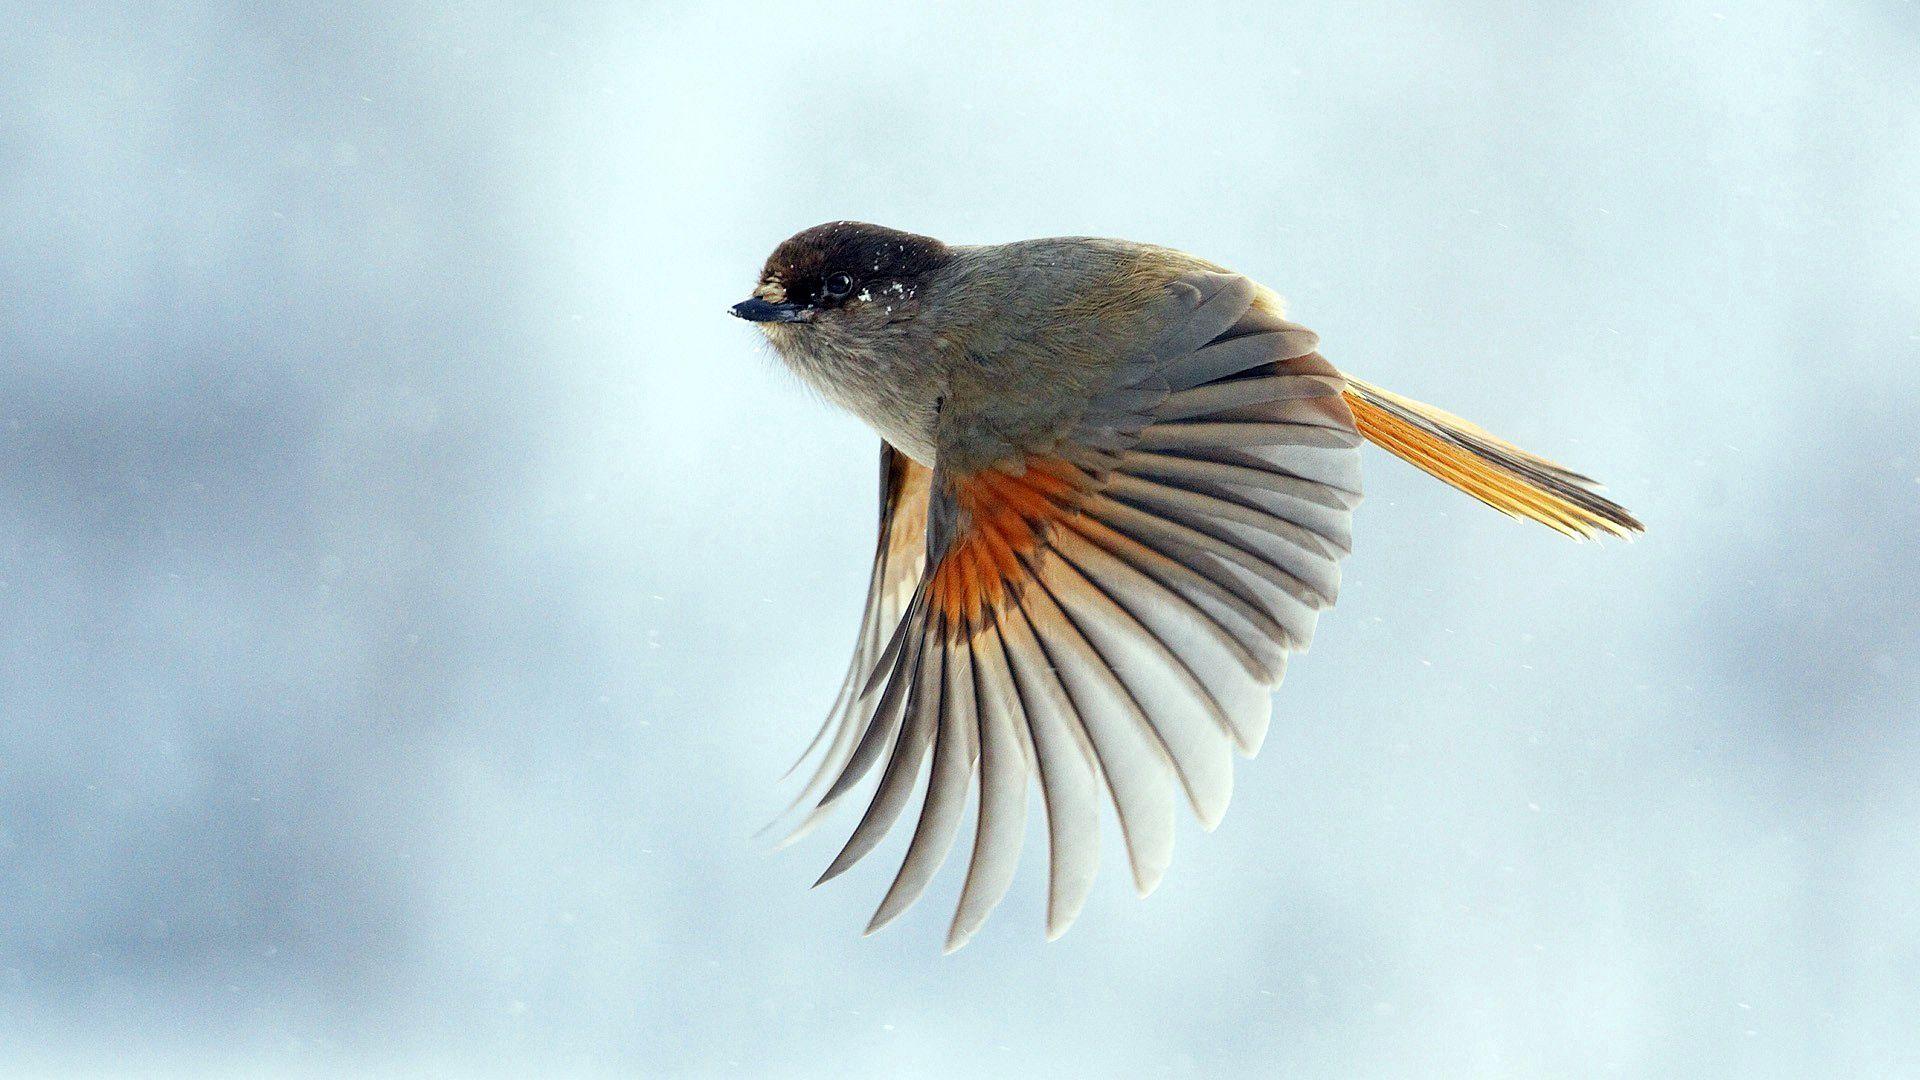 89664 papel de parede 480x800 em seu telefone gratuitamente, baixe imagens Animais, Pássaro, Voar, Voo, Asas, Onda, Varrer 480x800 em seu celular